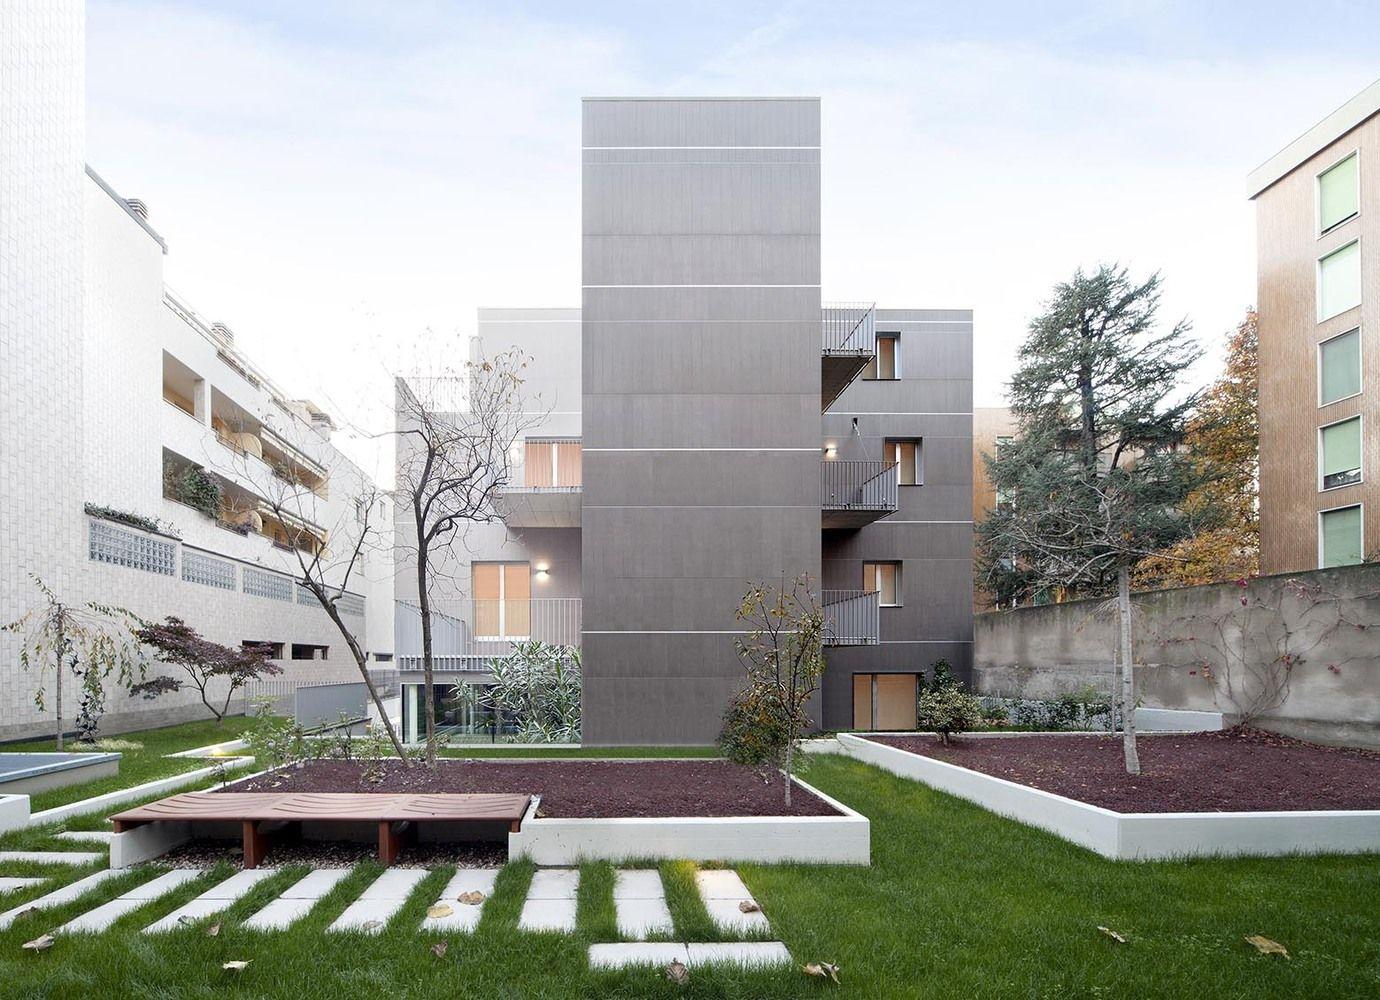 Galeria de Edifício Residencial na Via Bellincione / DAP Studio - 1